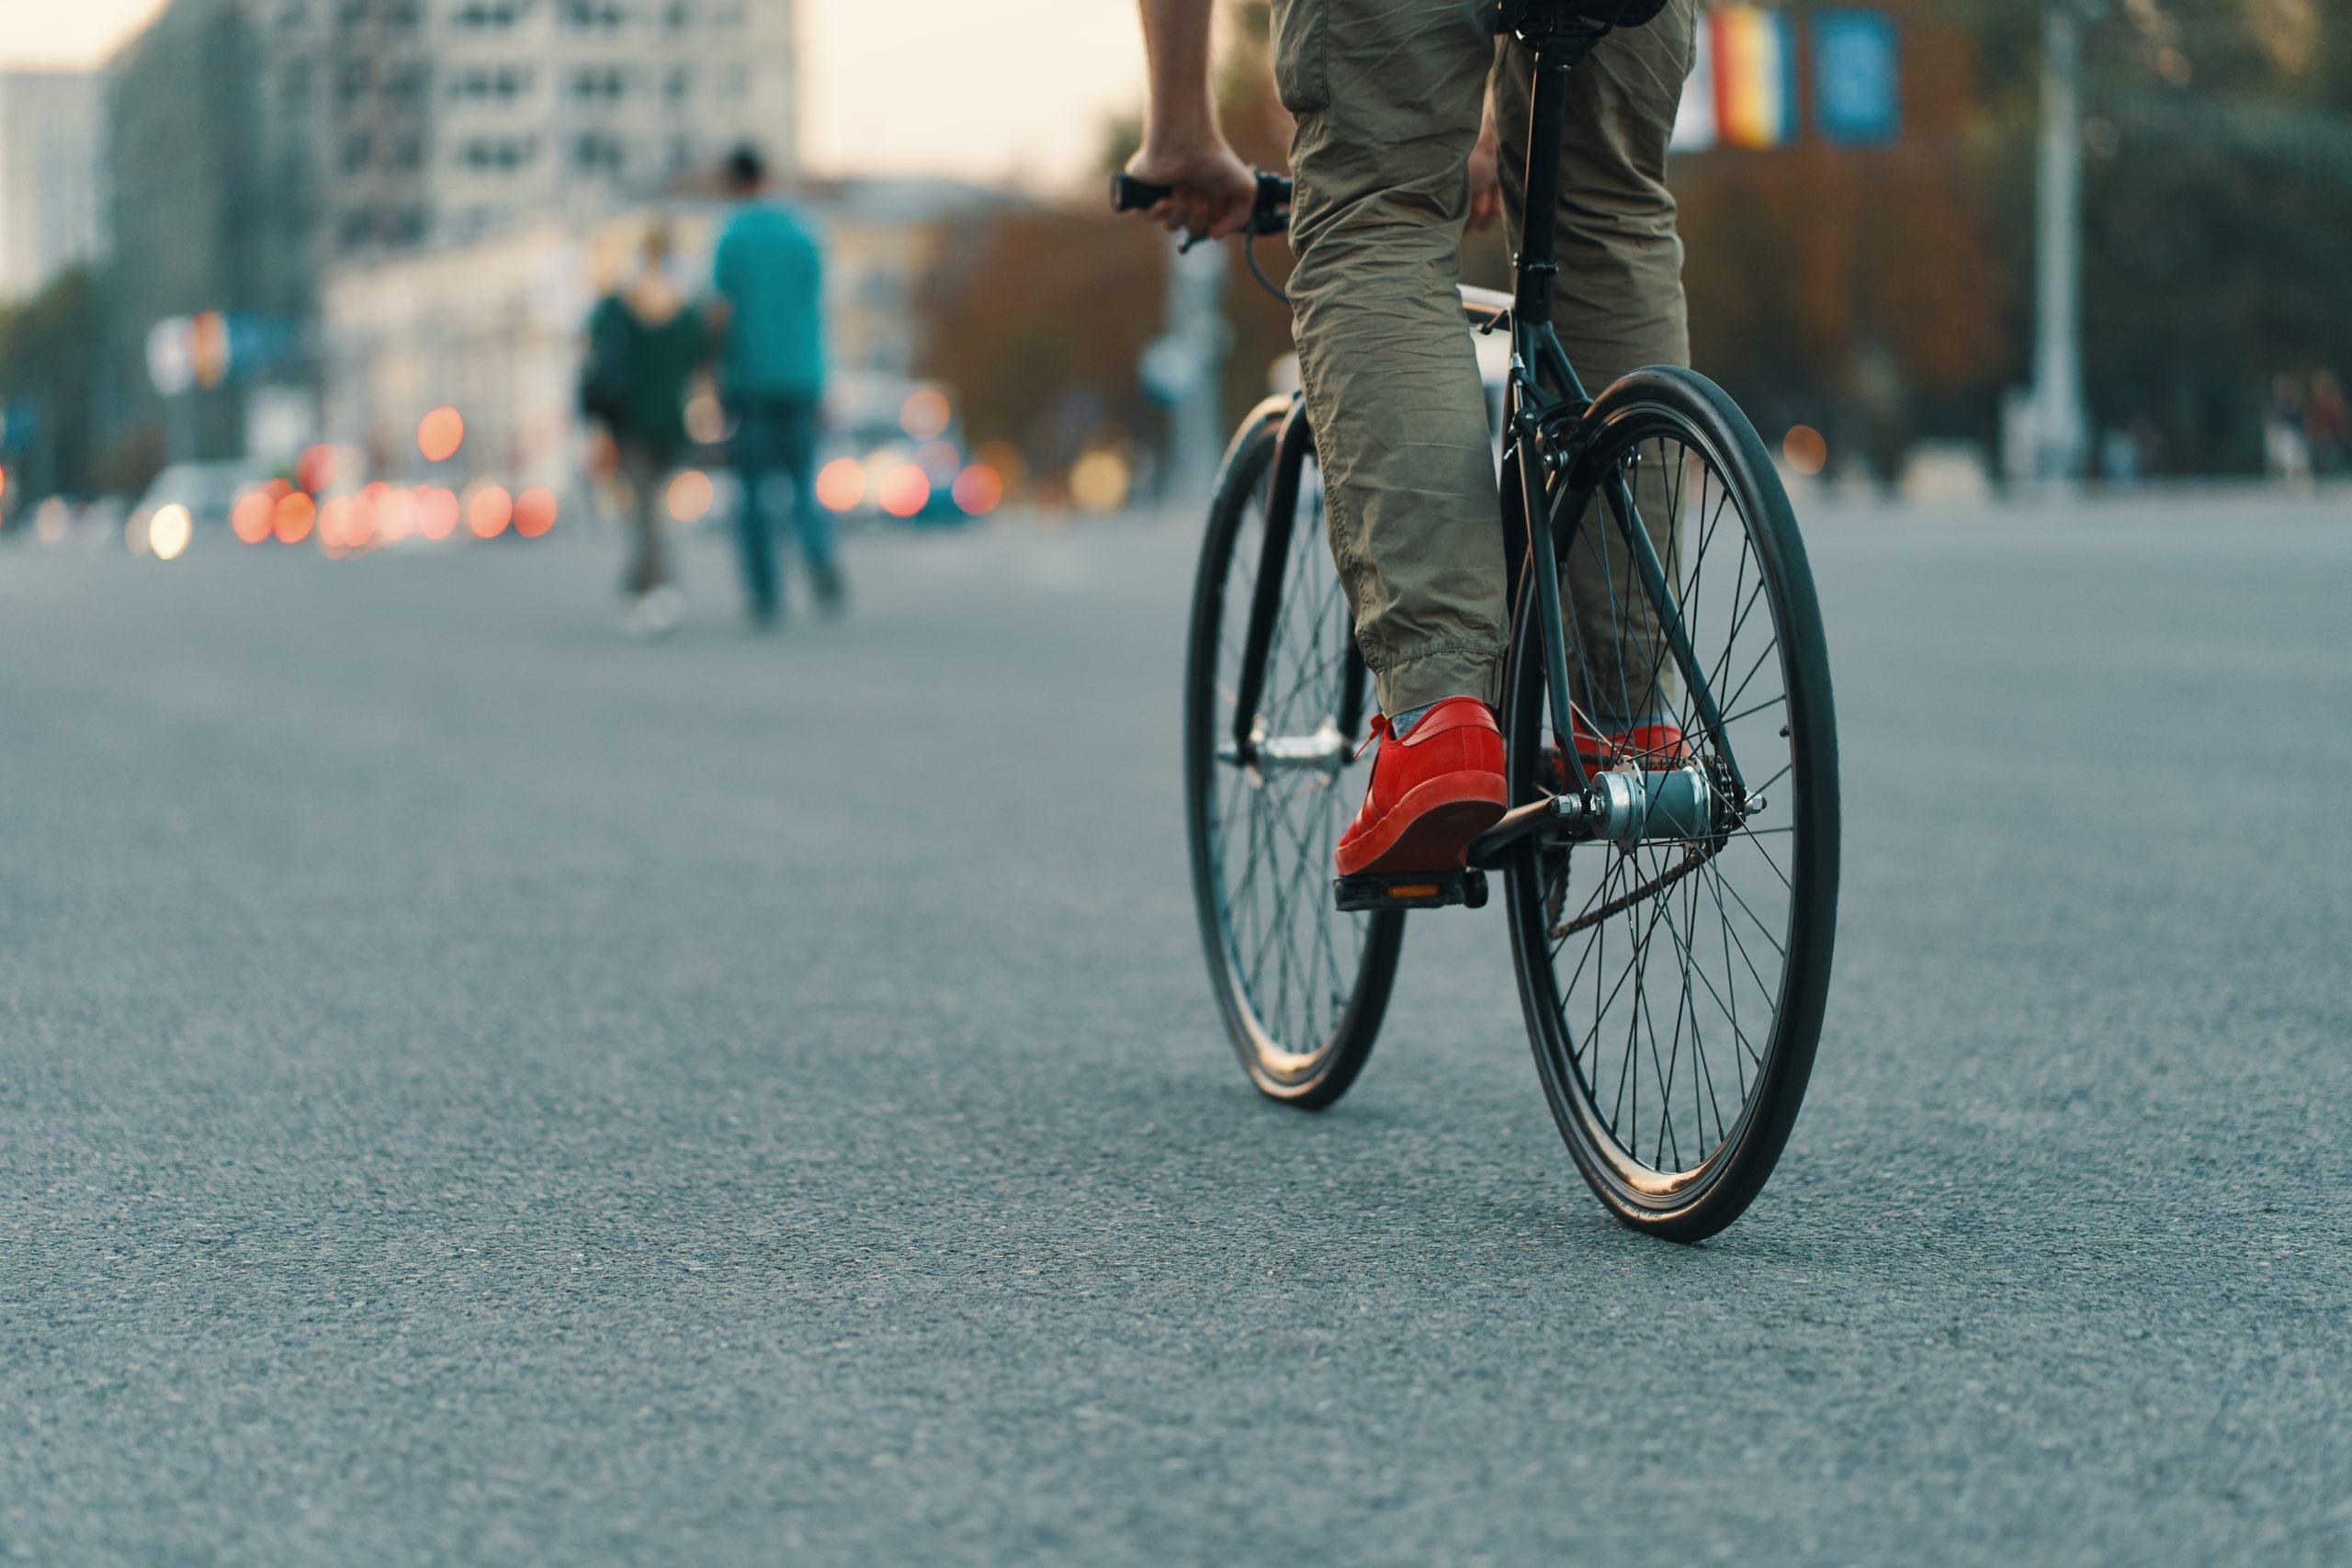 Al lavoro in bicicletta. L'azienda rimborsa il tragitto